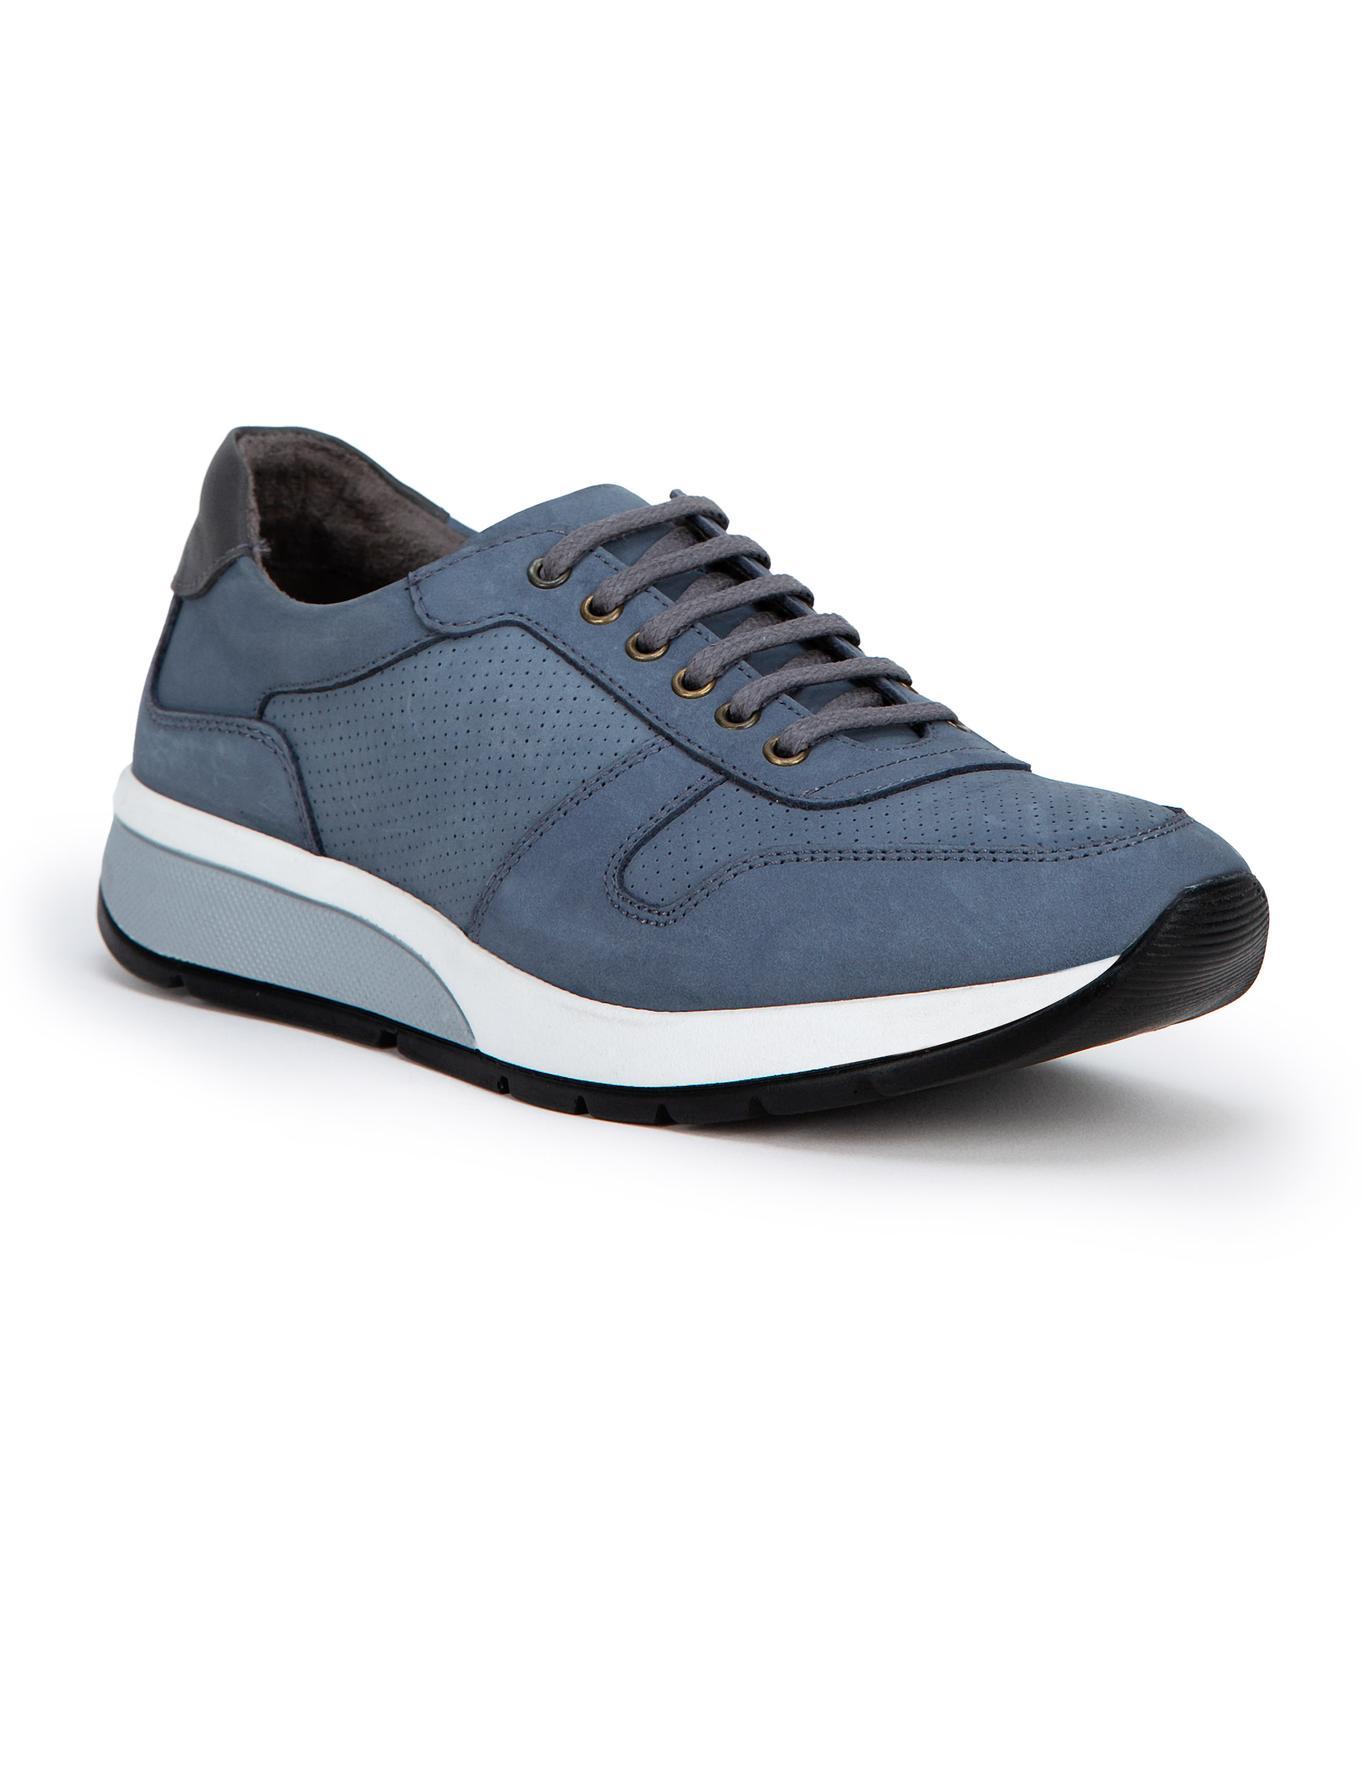 Mavi Sneakers Ayakkabı